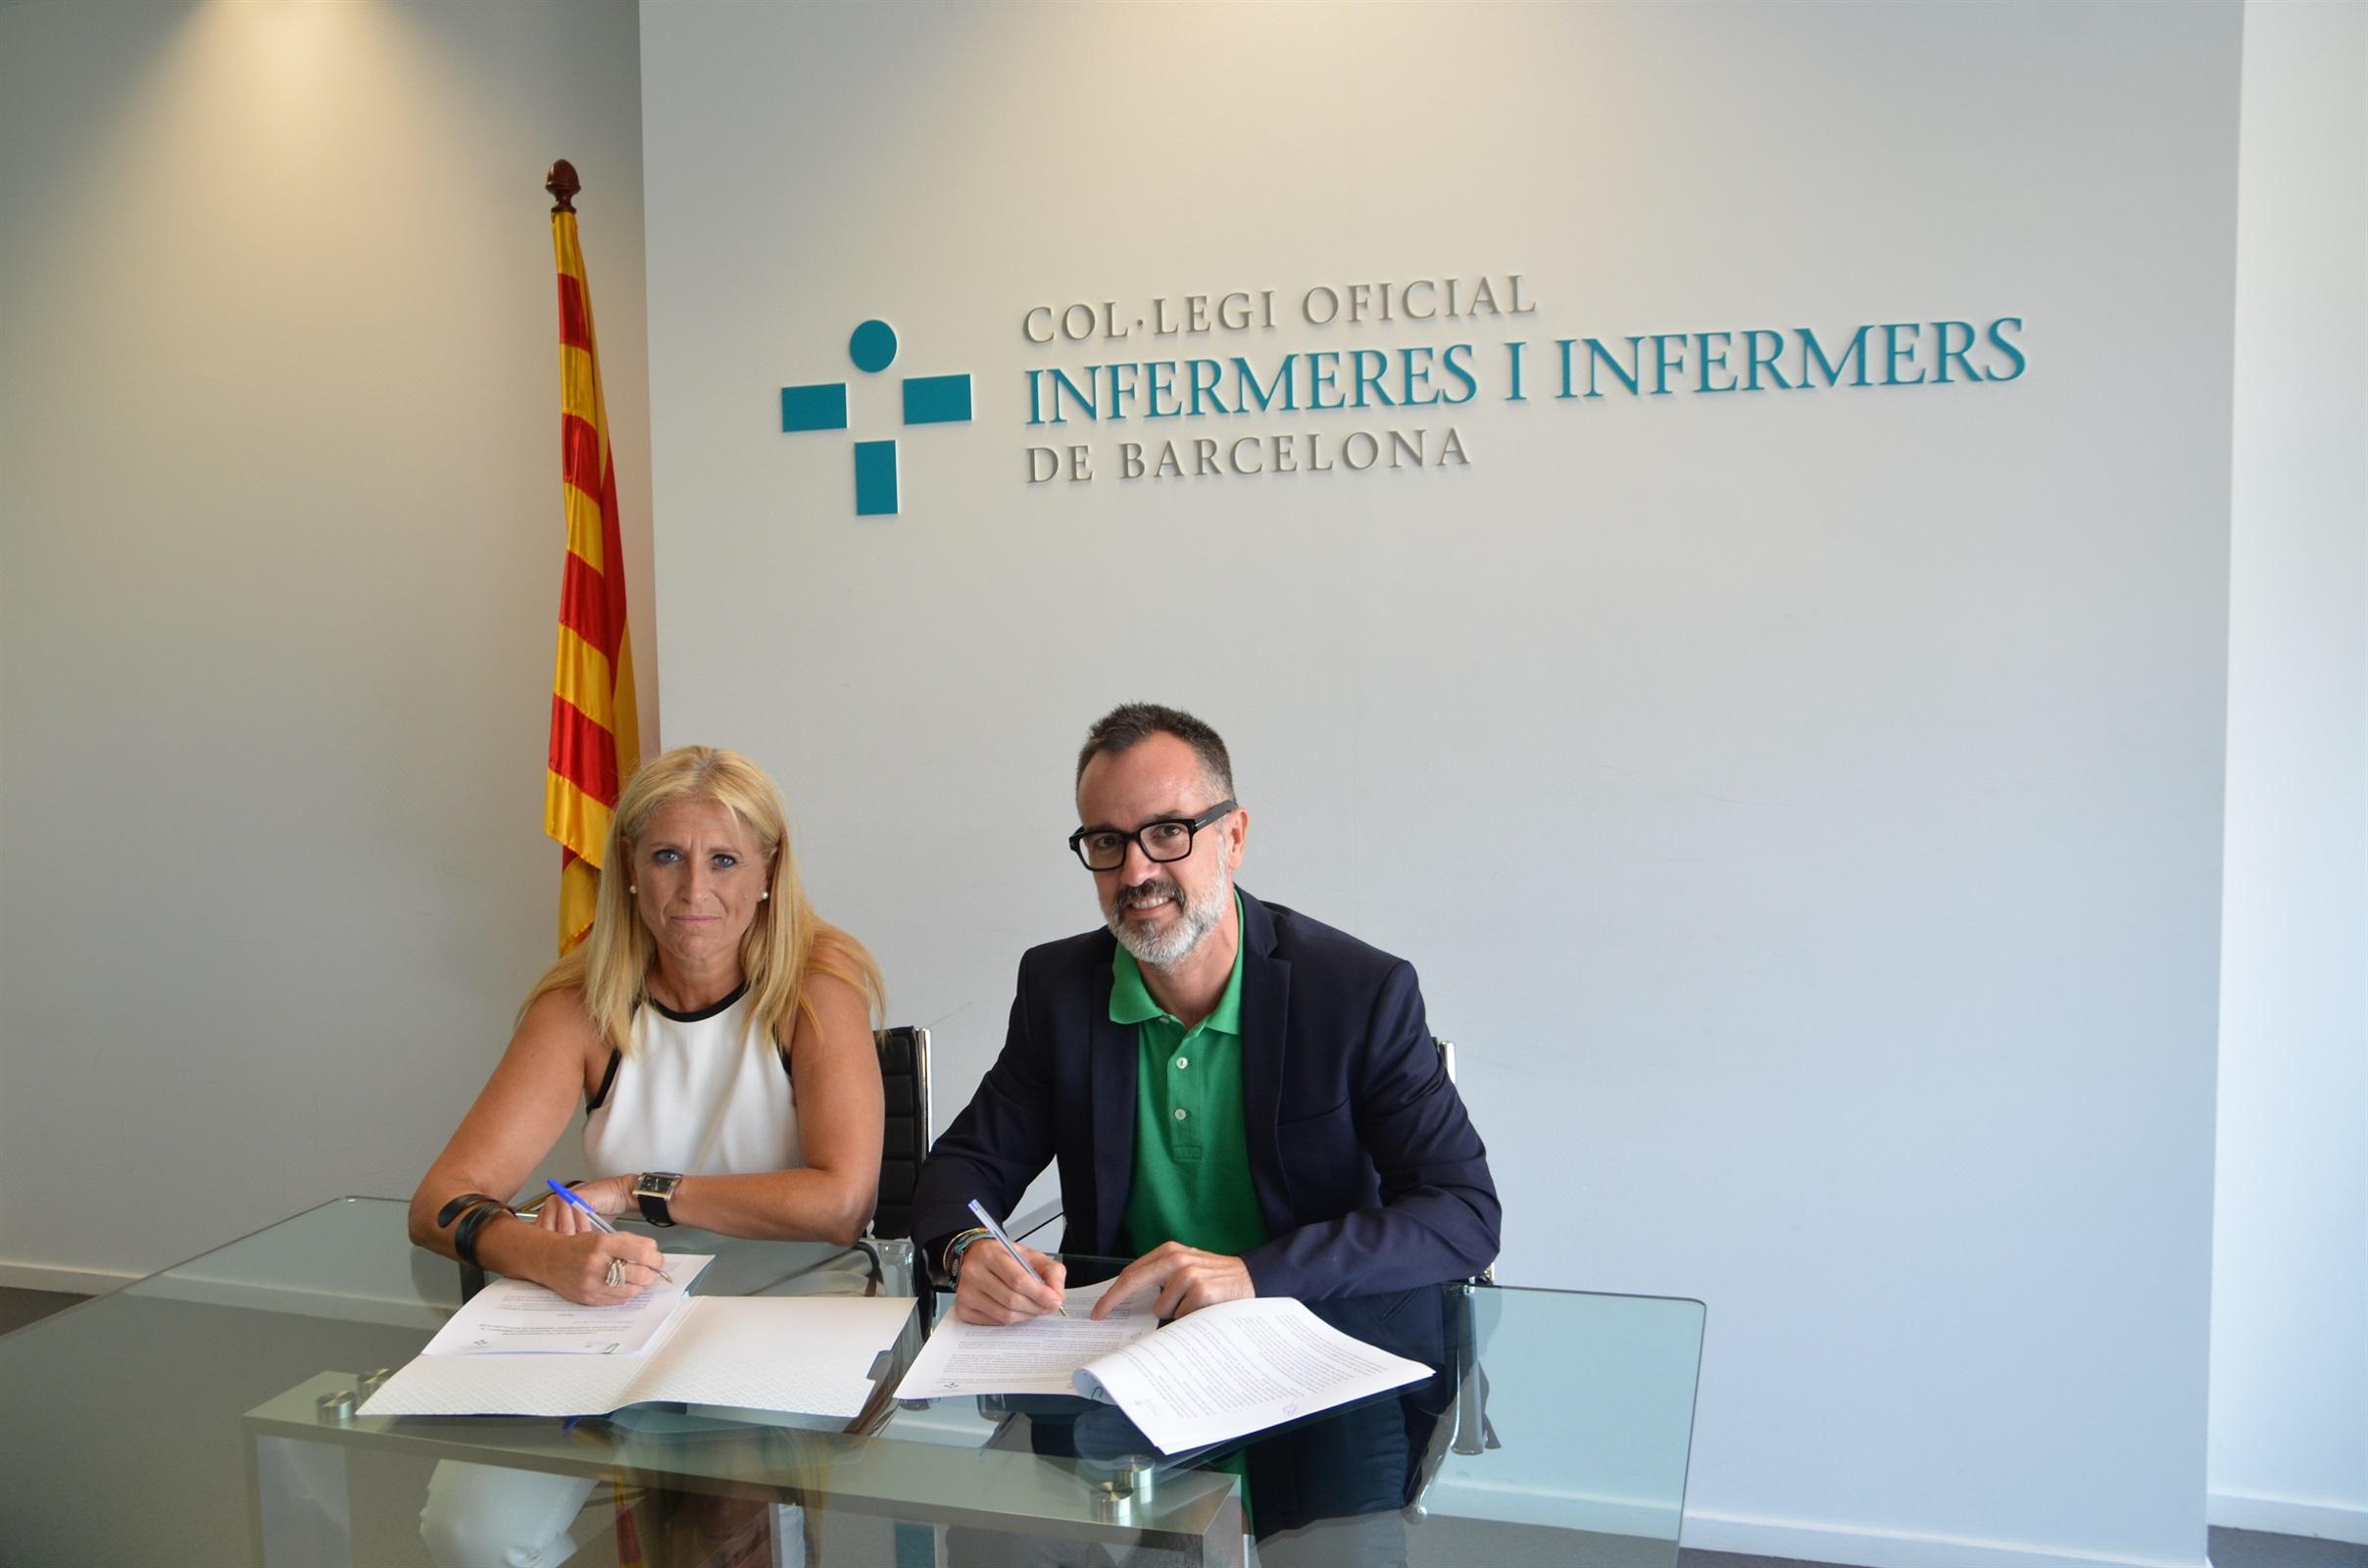 COIB i la Fundació Privada Escoles Universitàries Gimbernat uneixen forces per impulsar conjuntament la innovació en l'àmbit de la infermeria